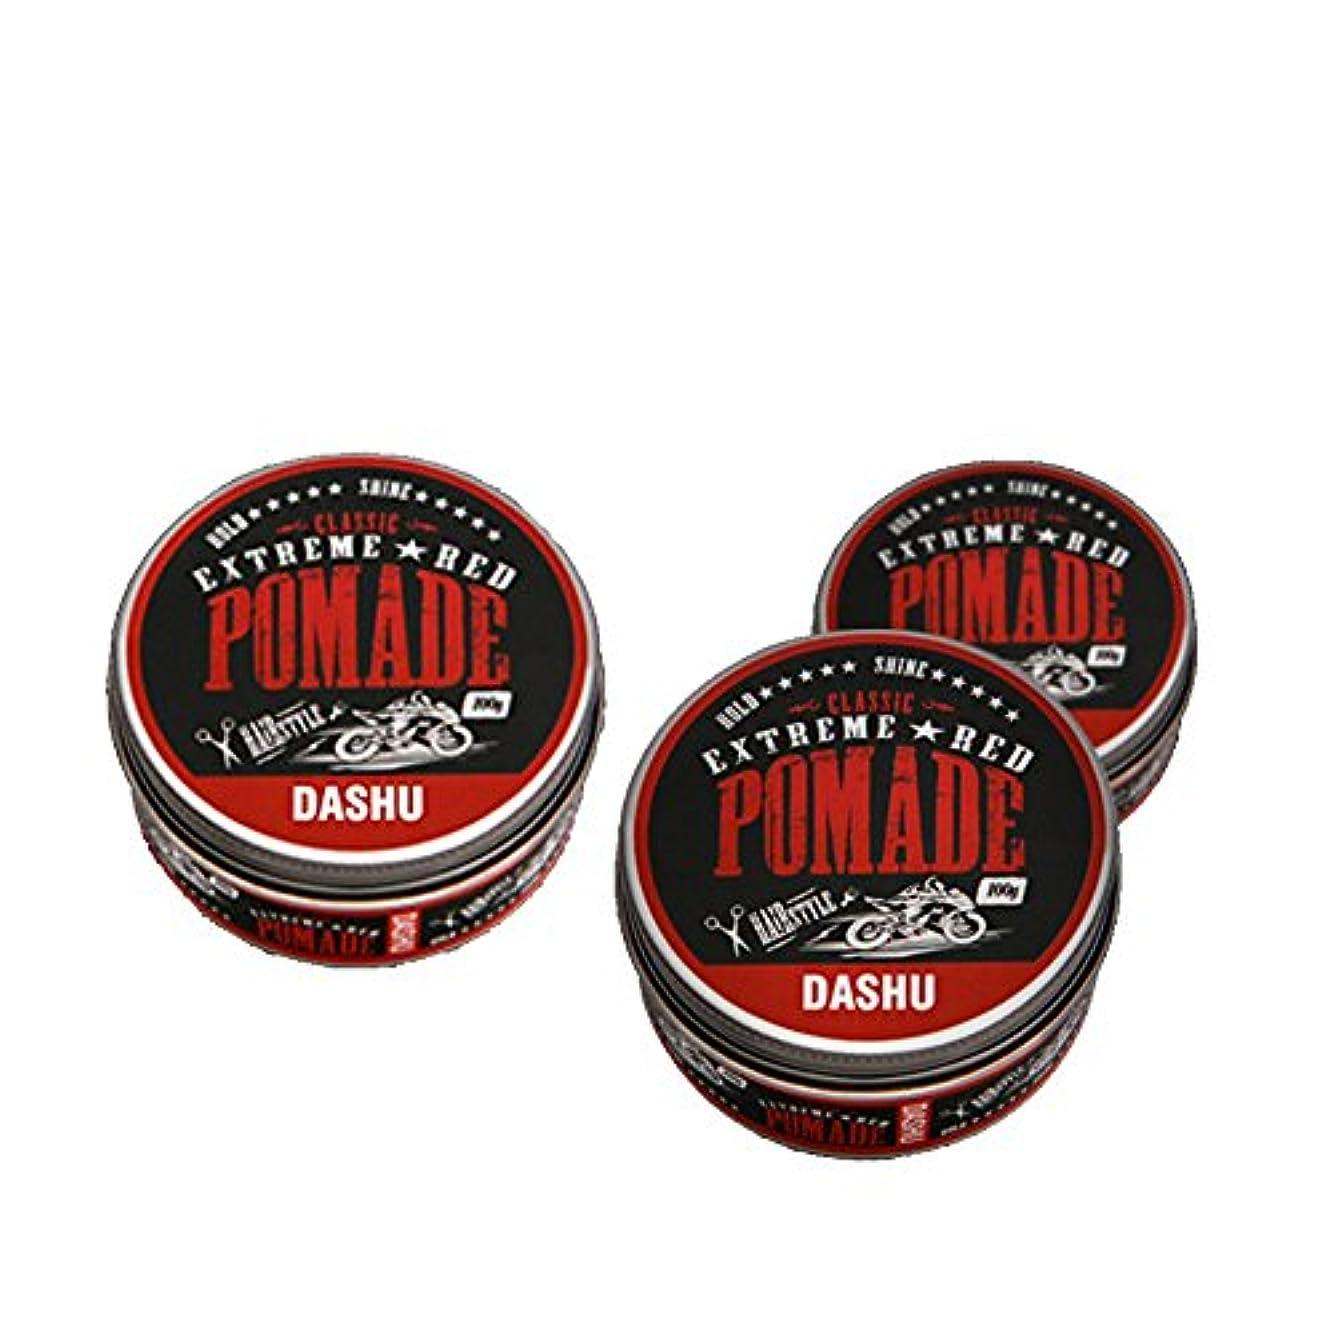 レタッチ囲いモスク(3個セット) x [DASHU] ダシュ クラシックエクストリームレッドポマード Classic Extreme Red Pomade Hair Wax 100ml / 韓国製 . 韓国直送品